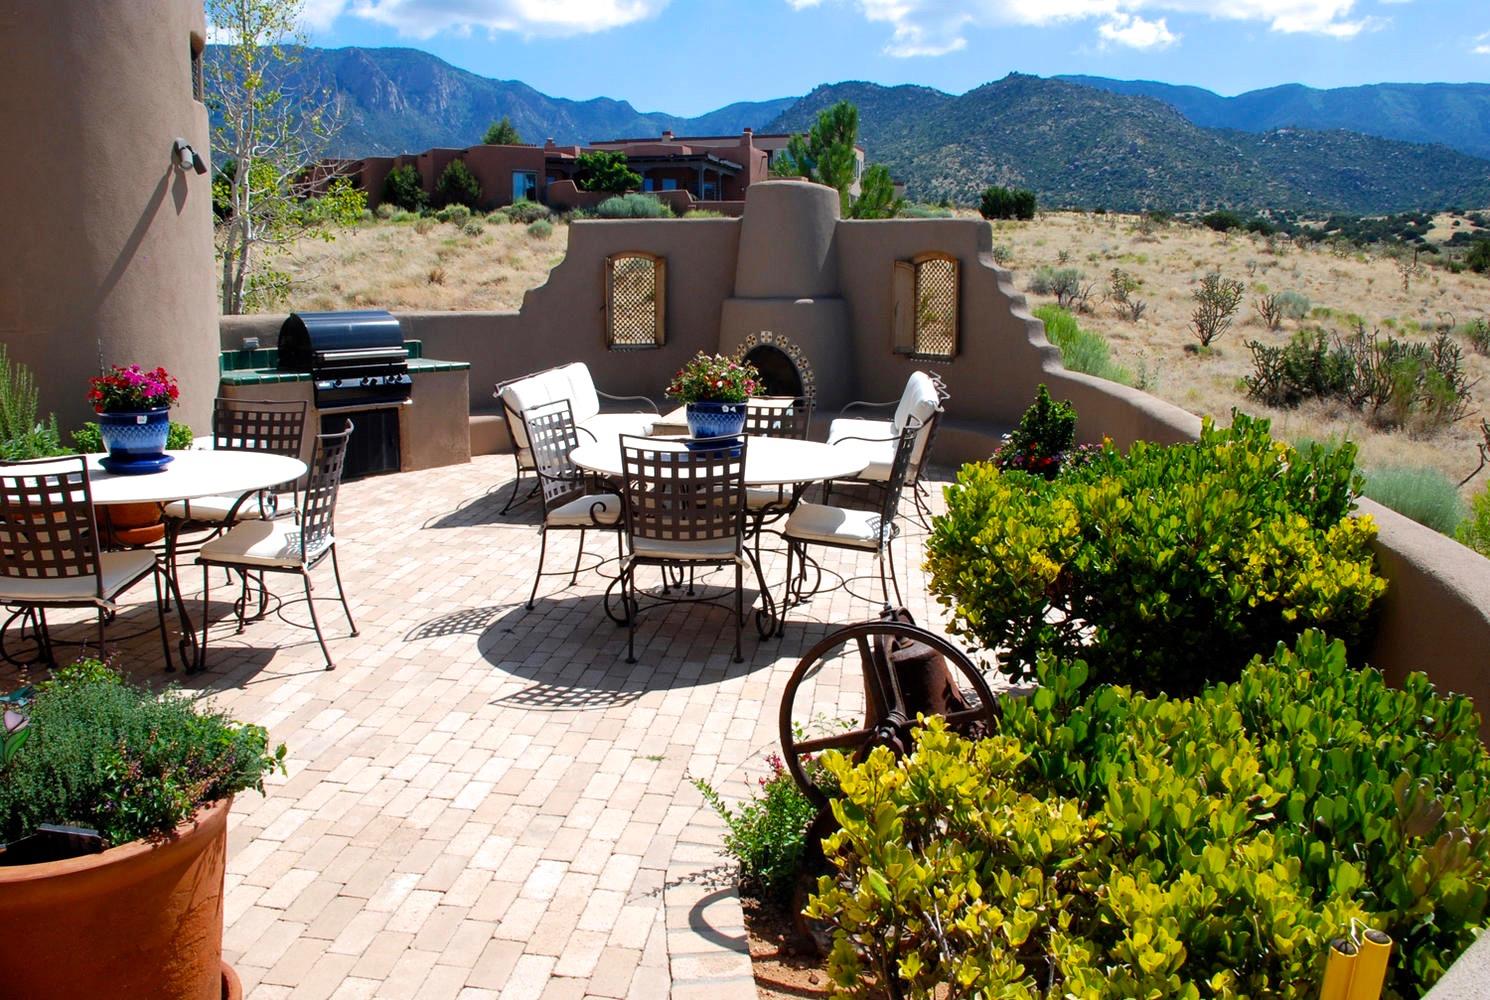 Albuquerque Real Estate Report